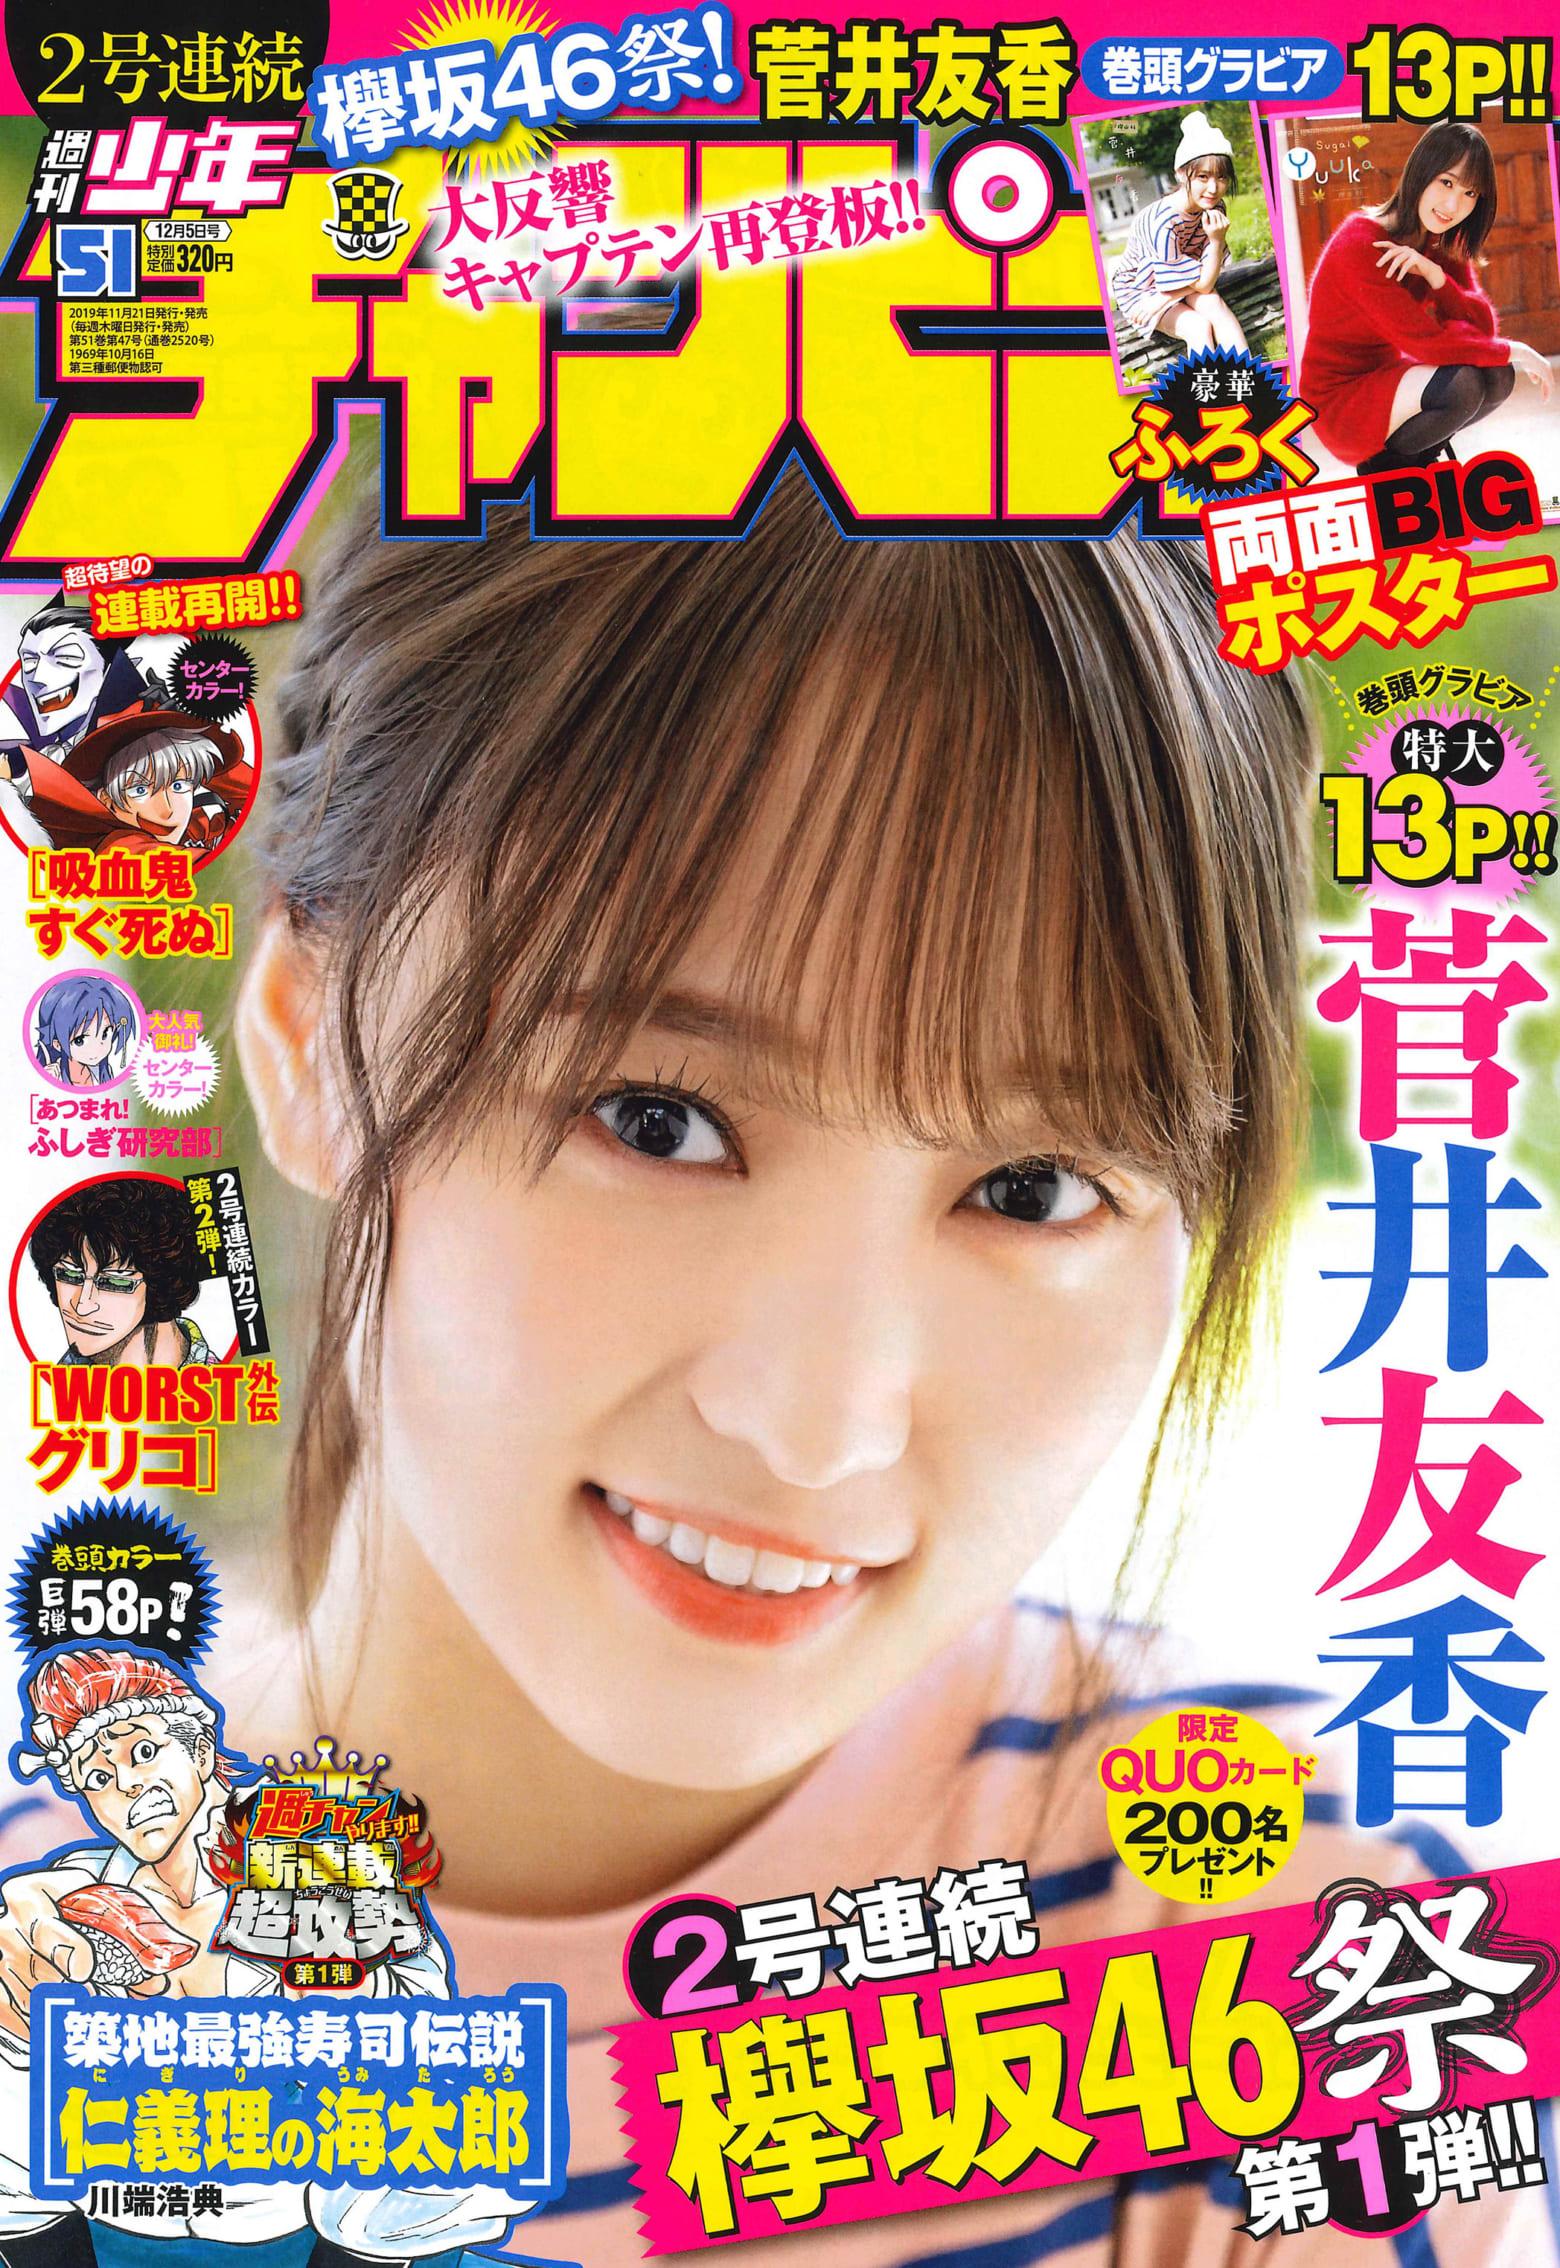 週刊少年チャンピオン51号